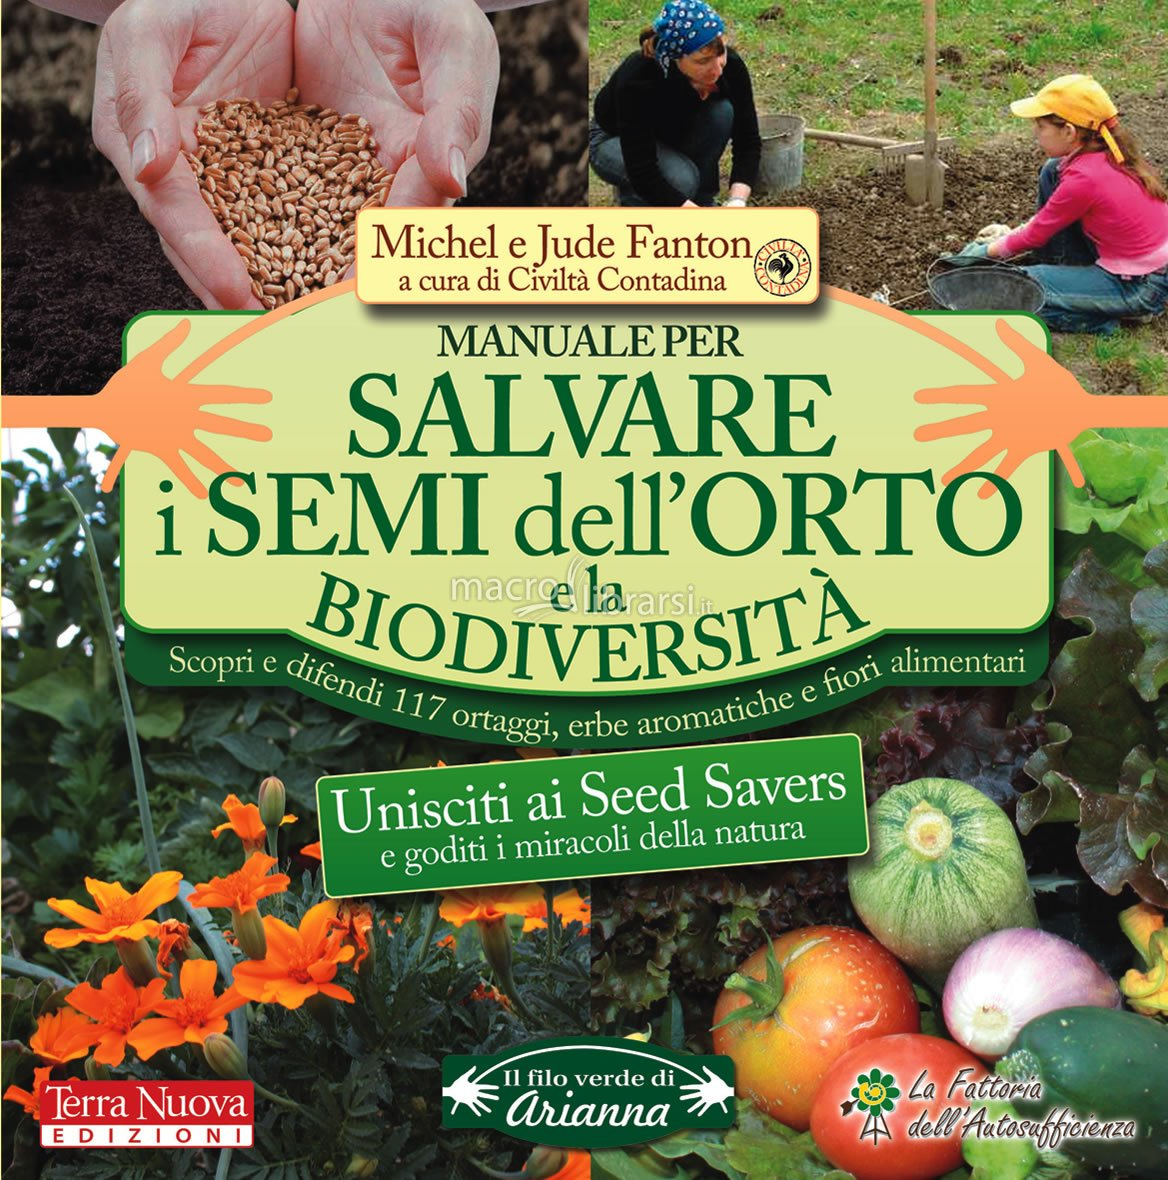 Manuale per Salvare i Semi dell'Orto e la Biodiversità